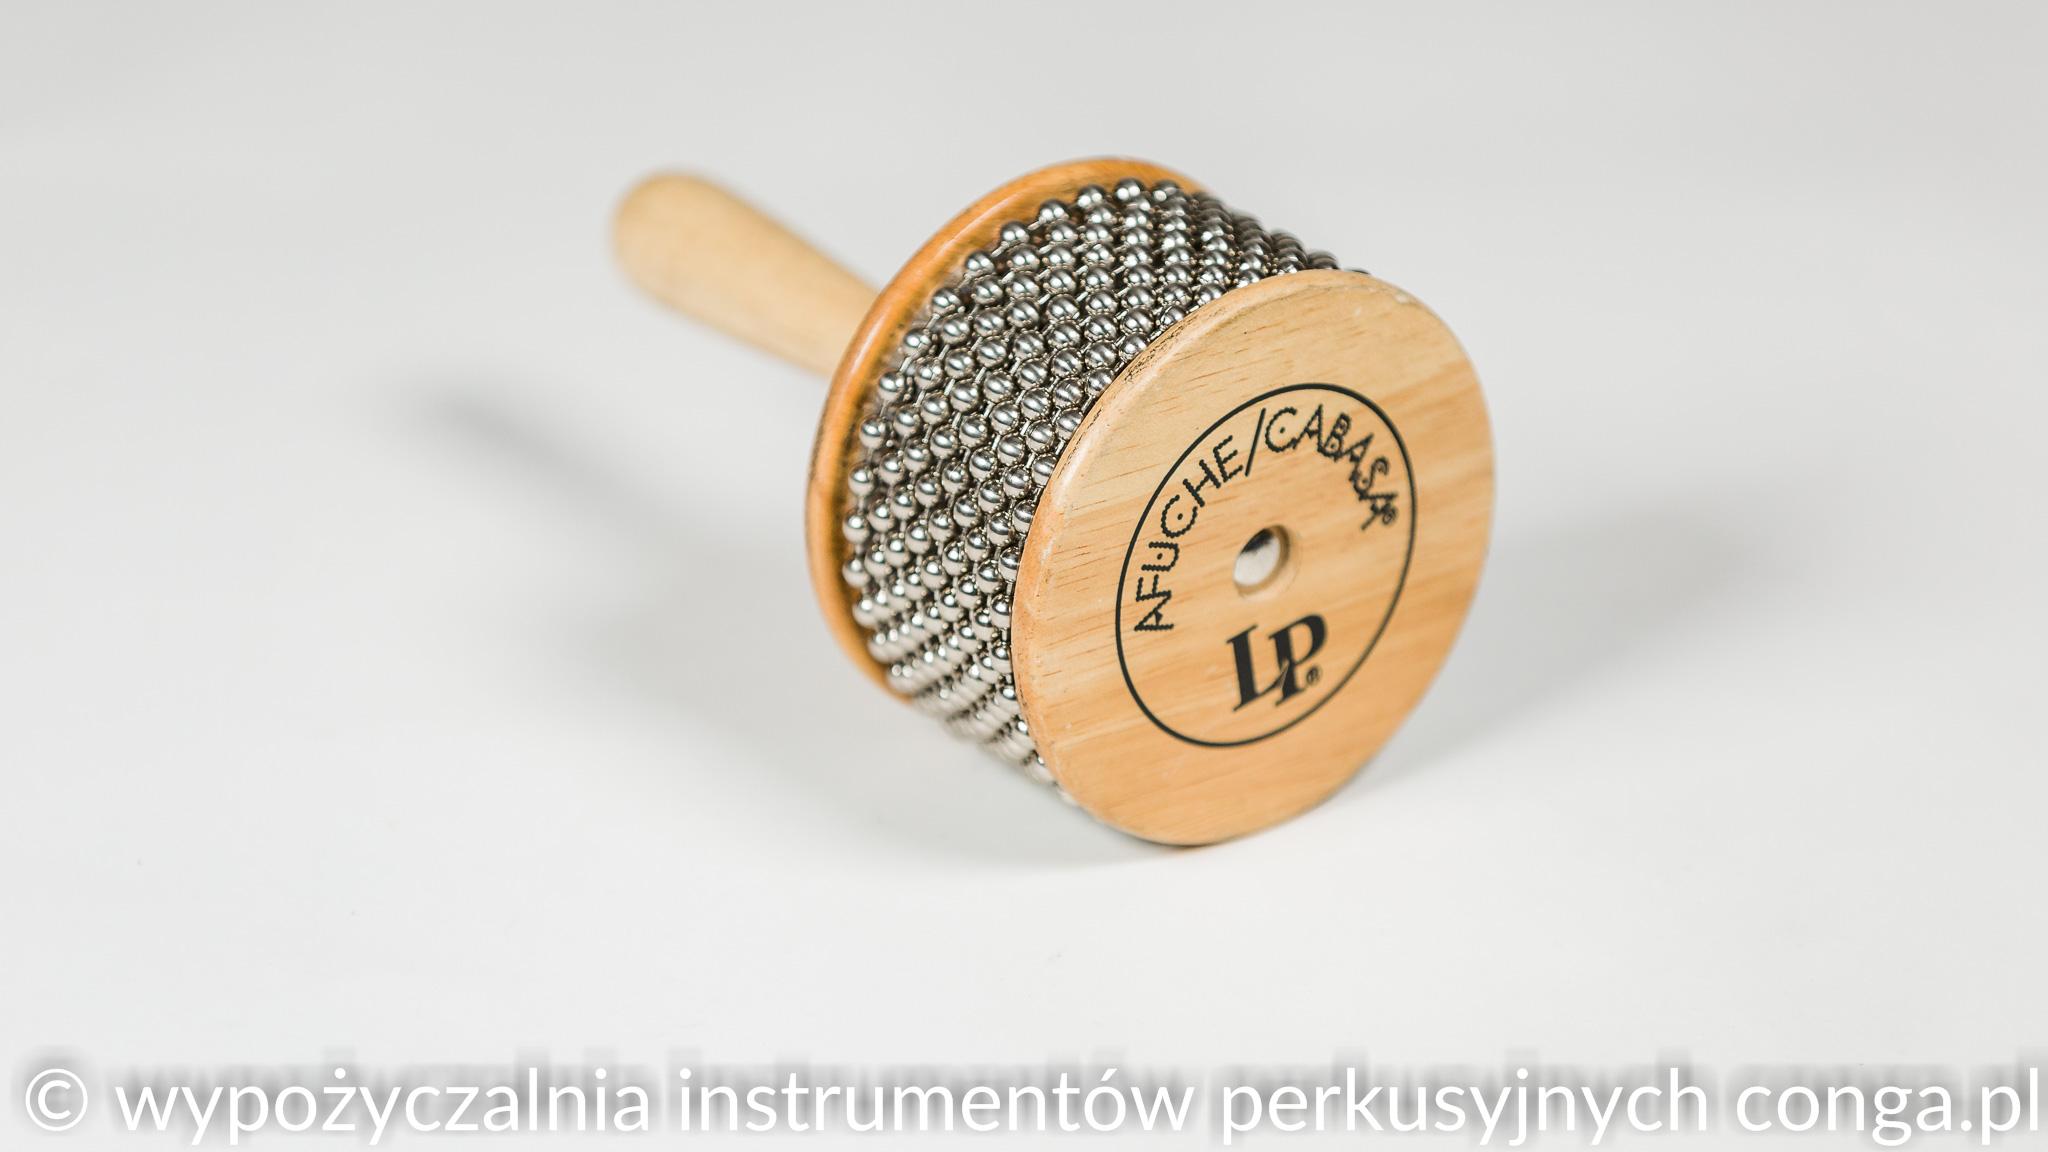 LP-234--AFUCHE-CABASA-STANDARD-Wypożyczalnia-instrumentów-perkusyjnych--CONGA.PL-0219.jpg